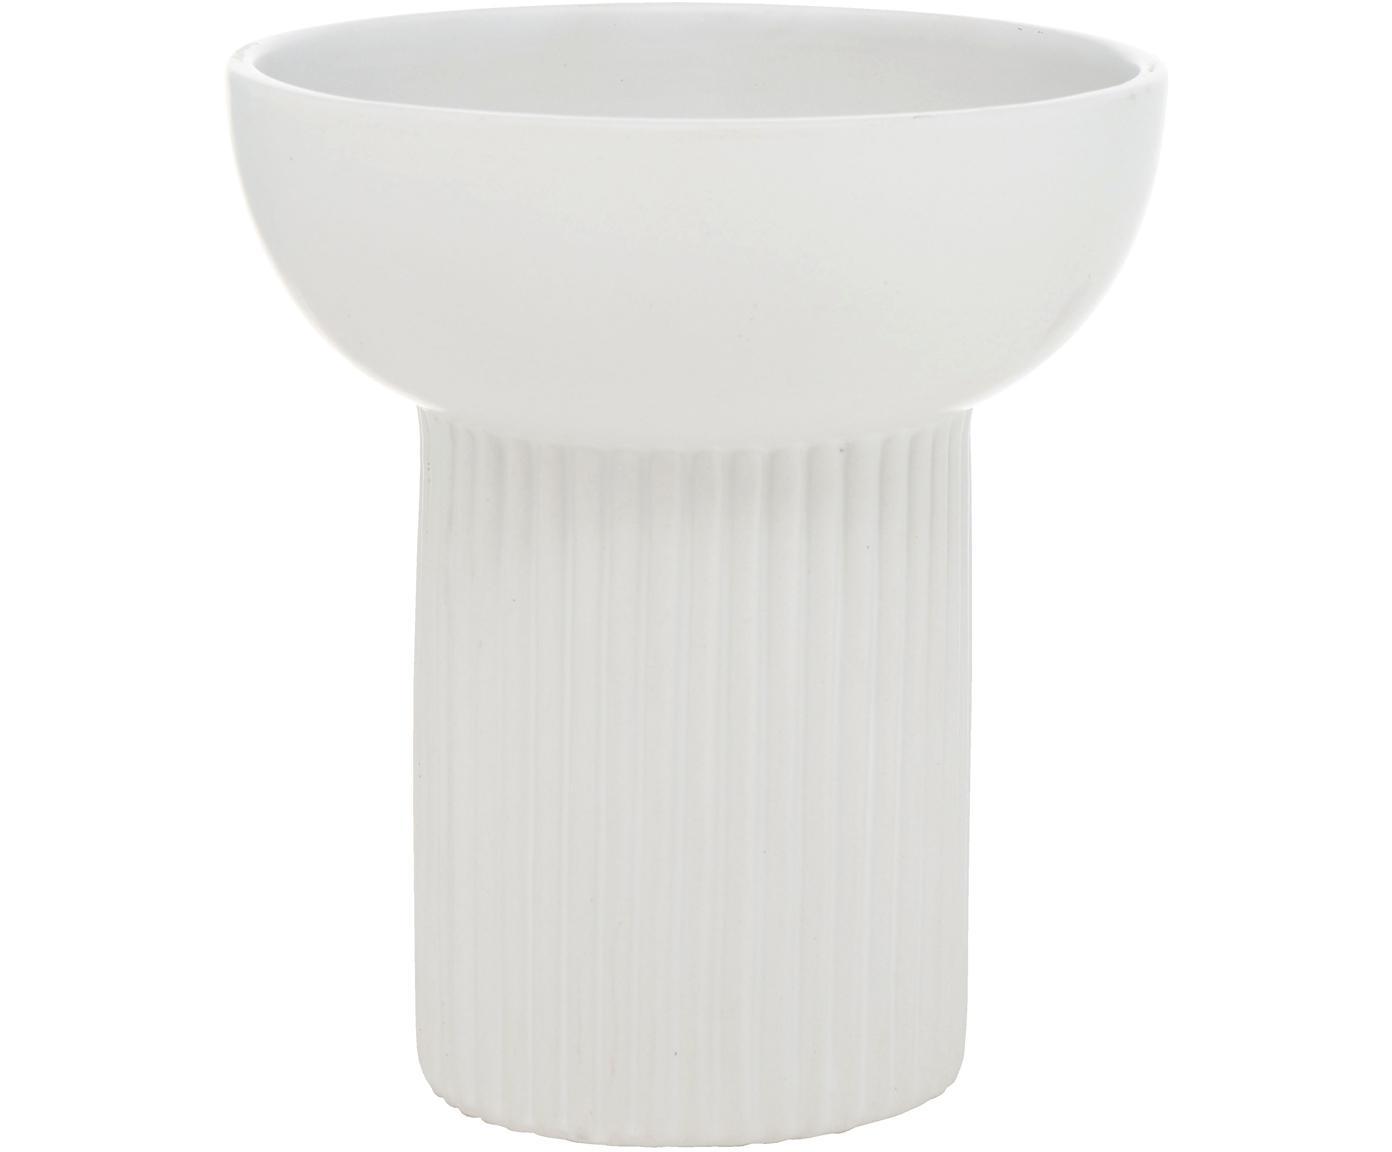 Kleine Vase Giulio aus Dolomit, Dolomit, Weiß, Ø 17 x H 19 cm